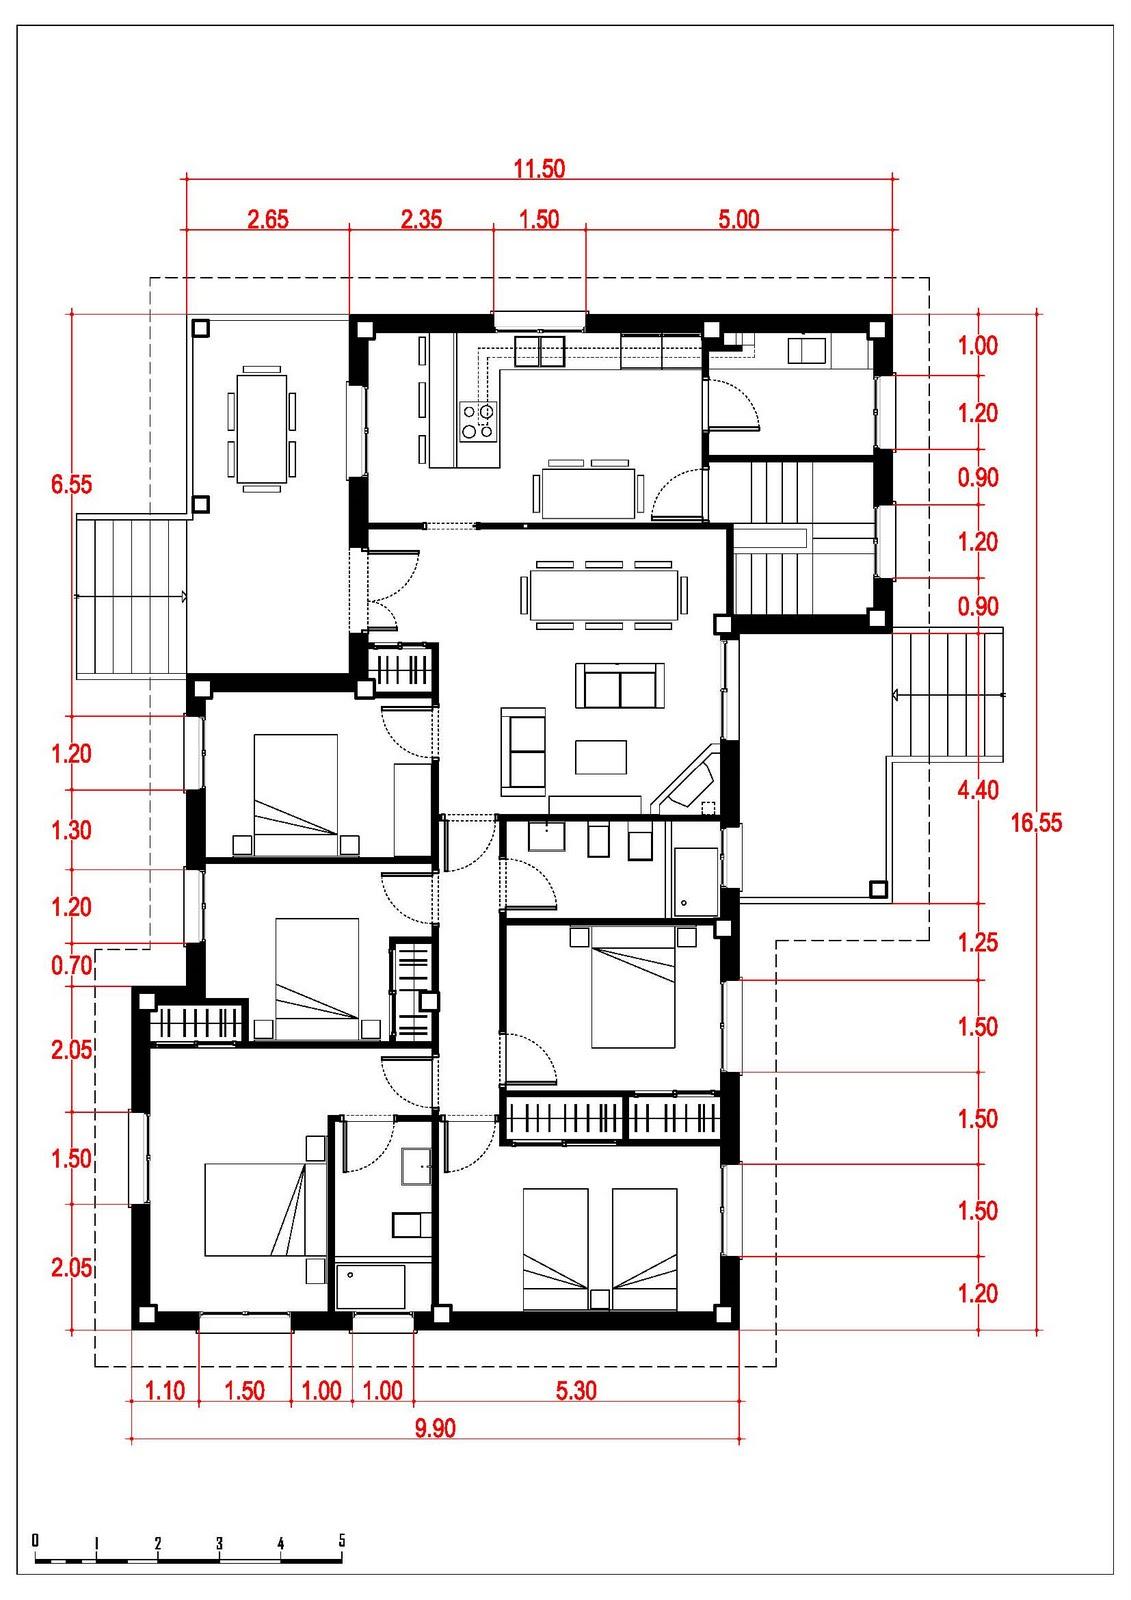 realizaci n de planos vivienda unifamiliar en fuenlabrada